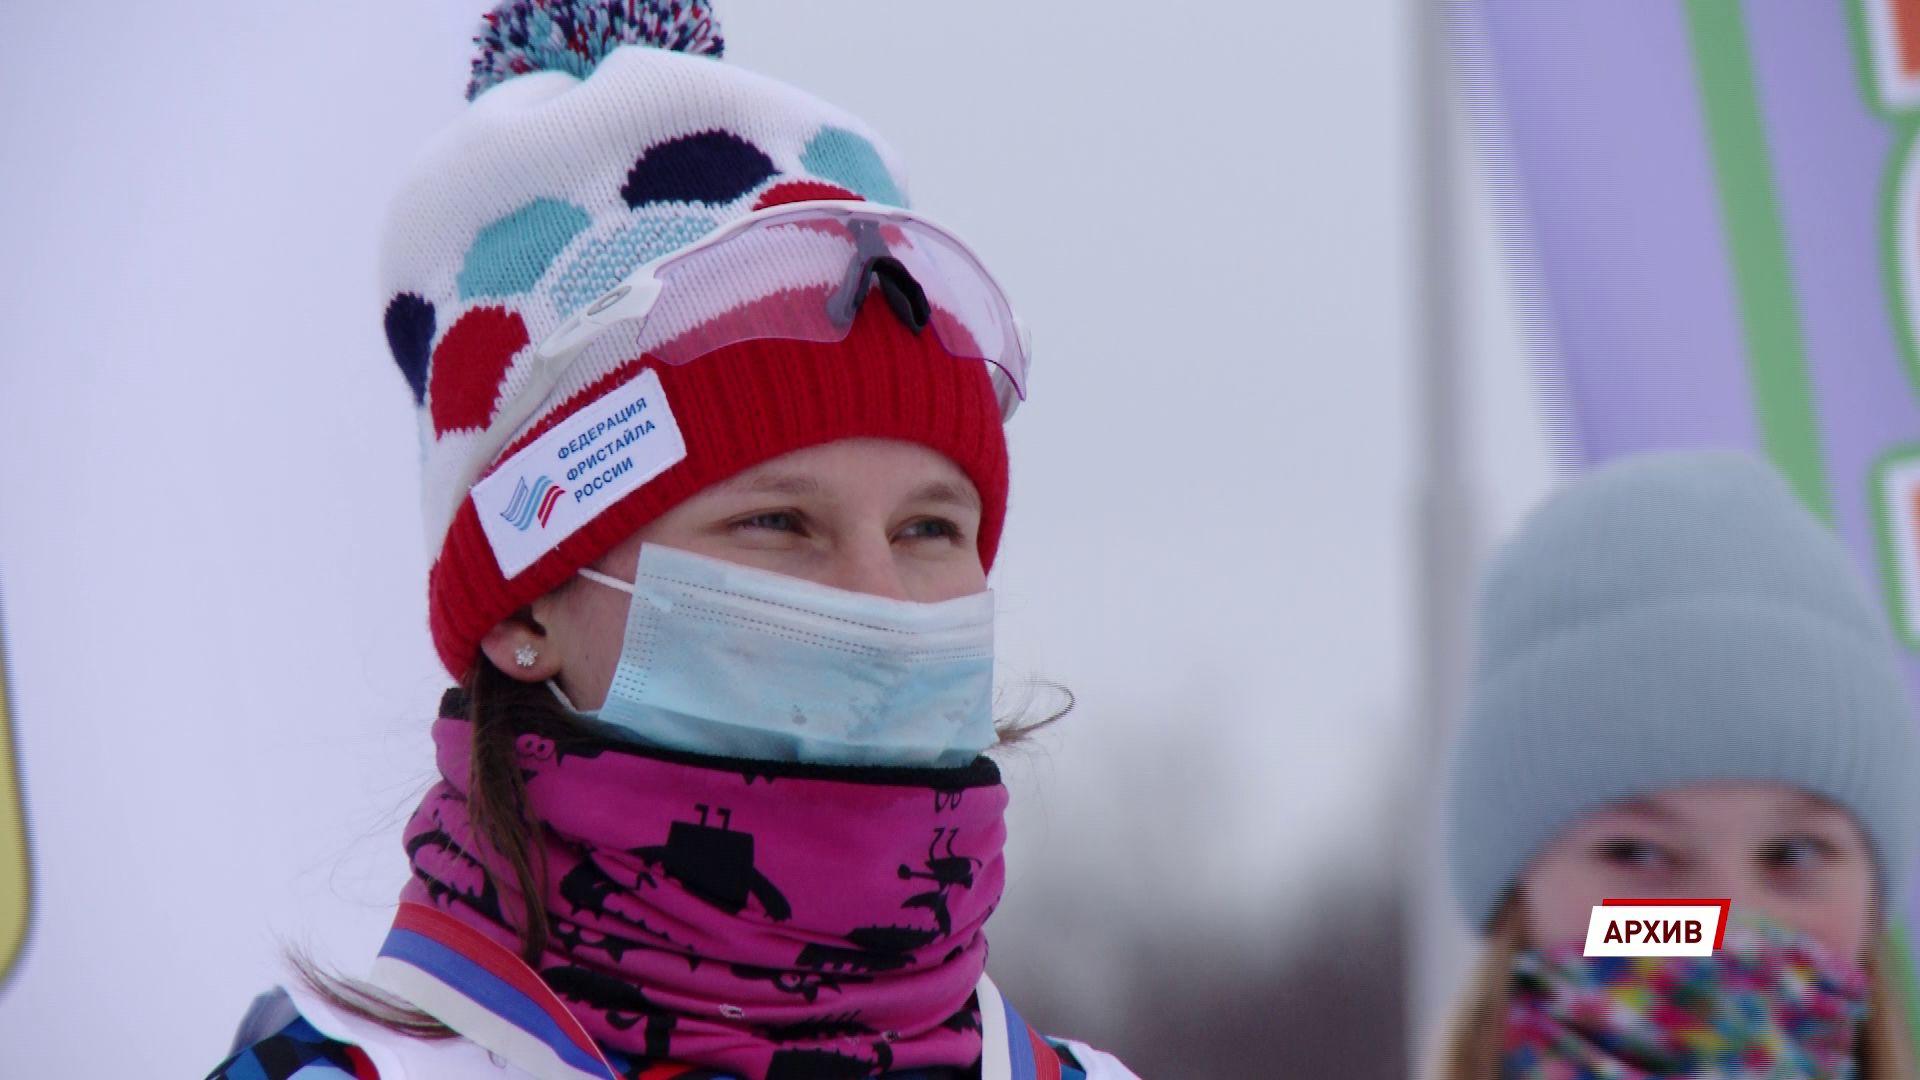 Ярославна победила на юниорском первенстве России по фристайлу